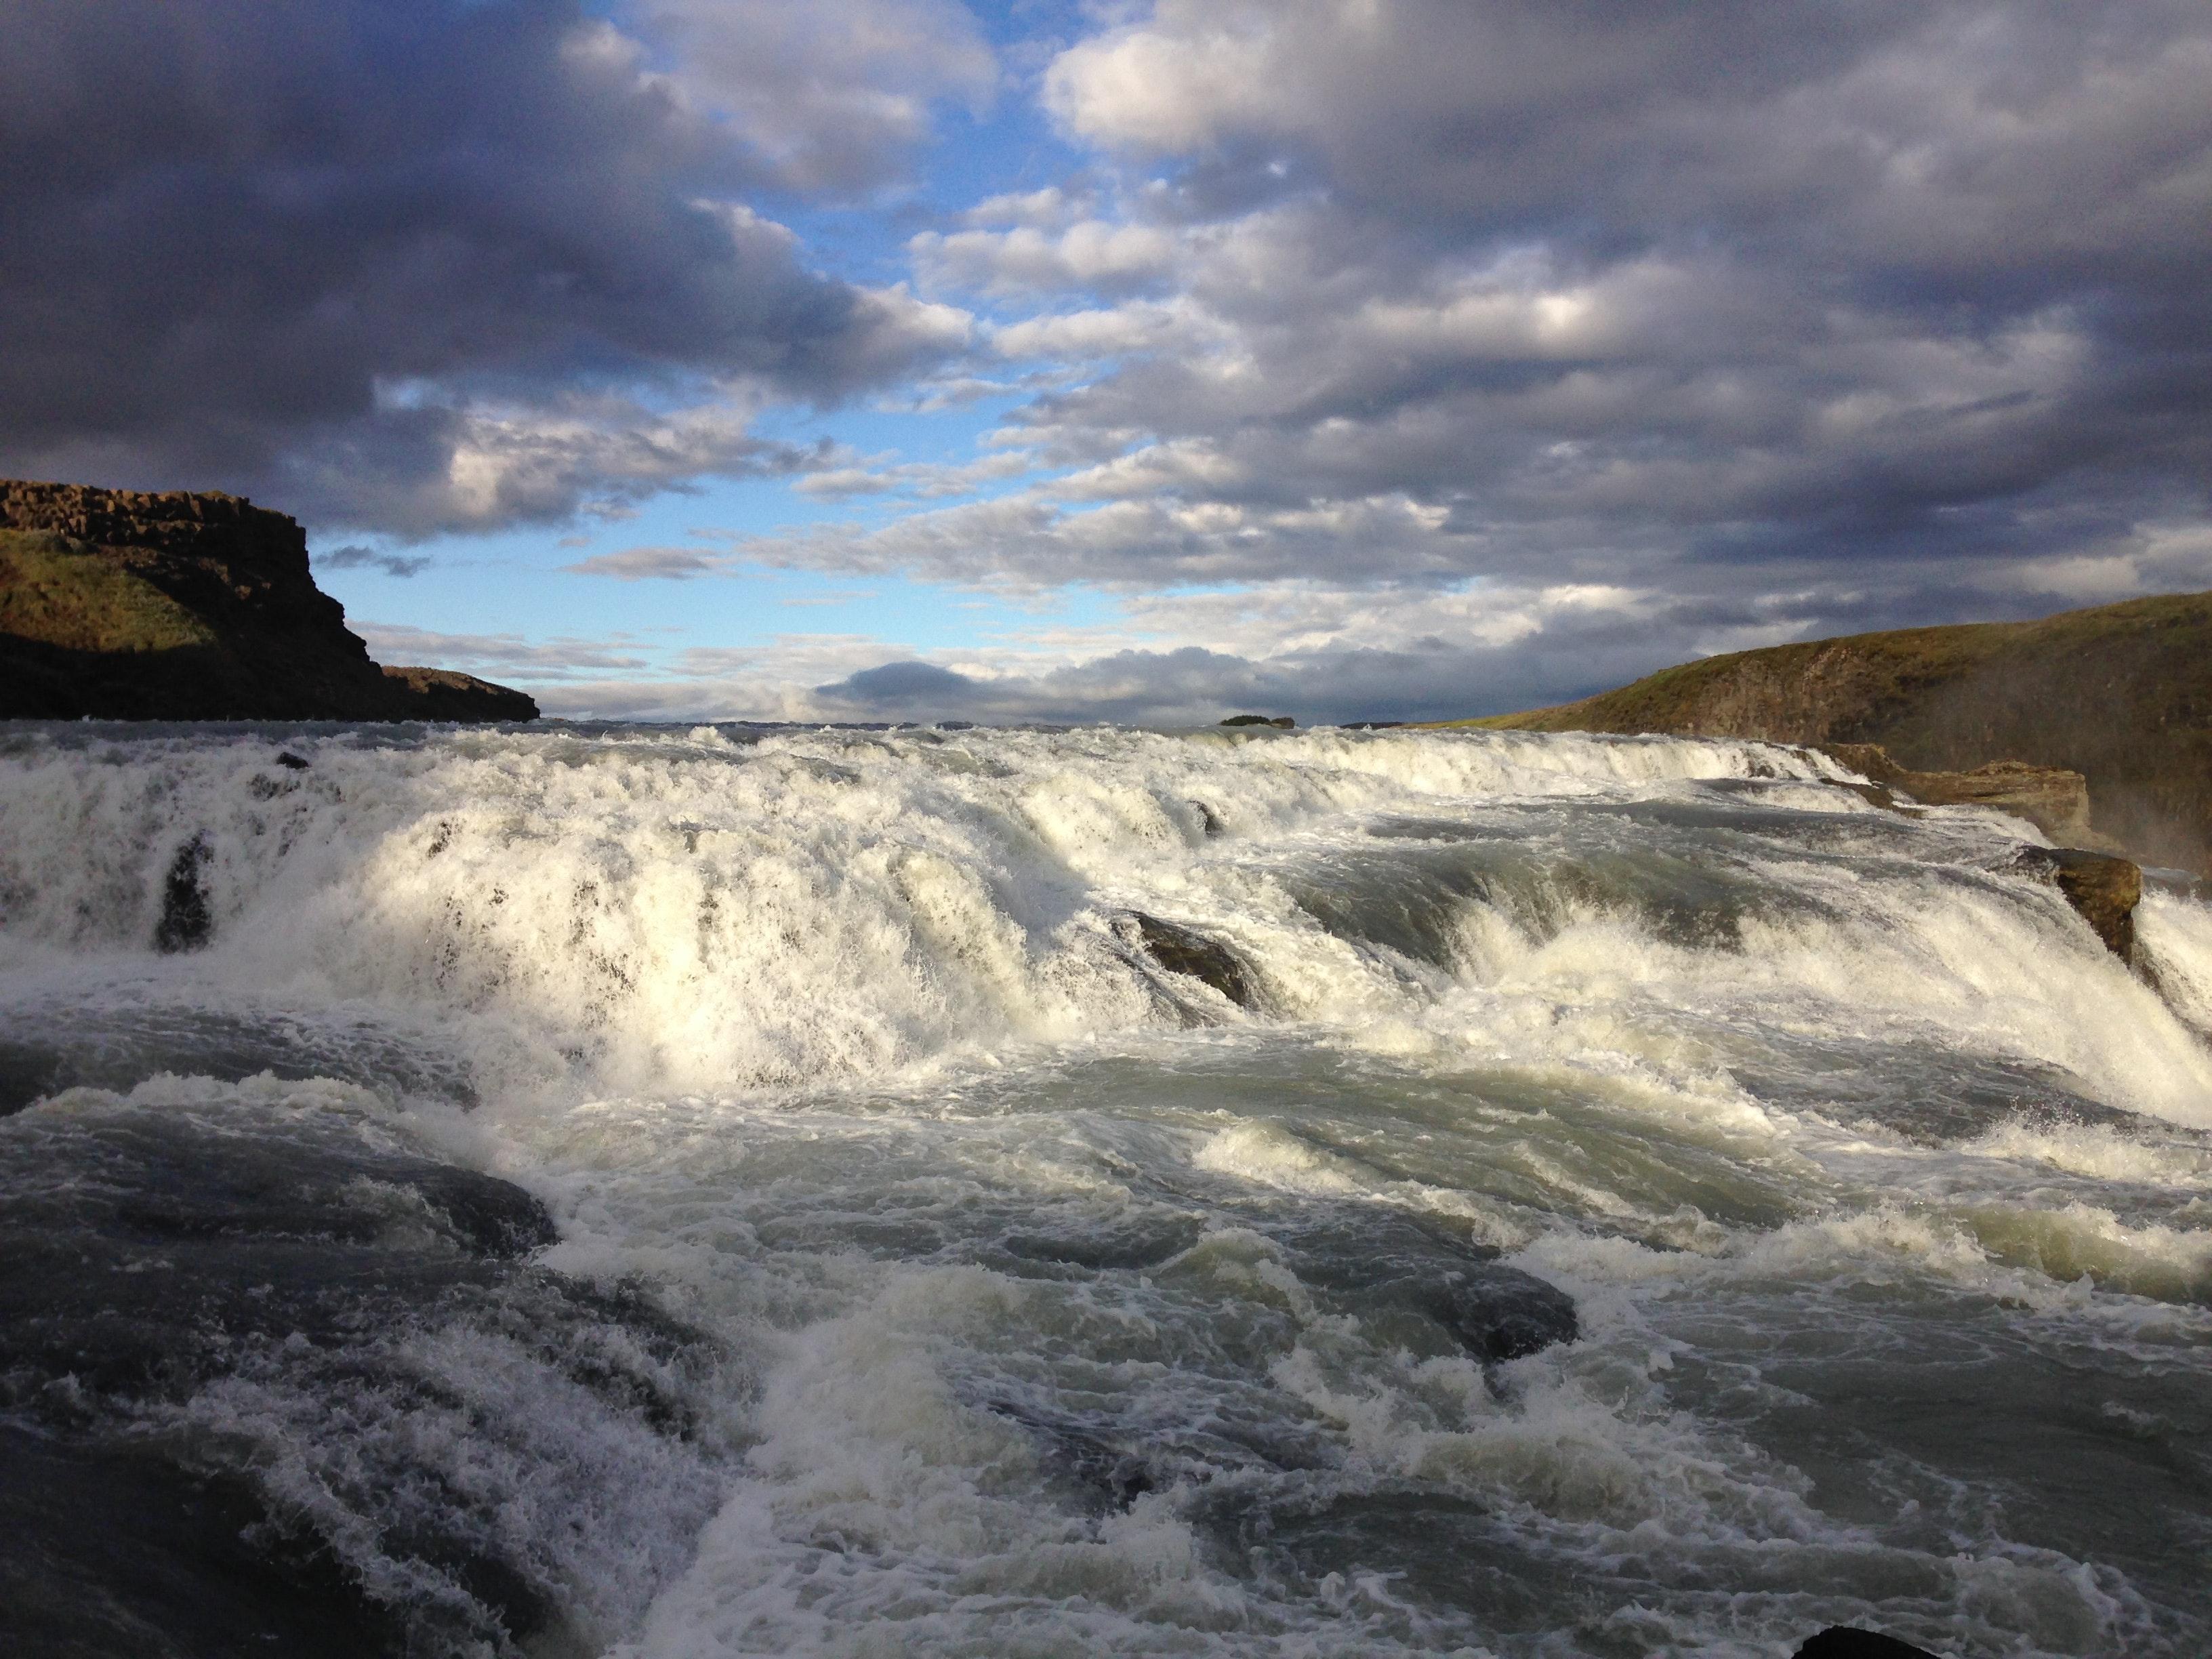 Upper part of Gullfoss waterfall